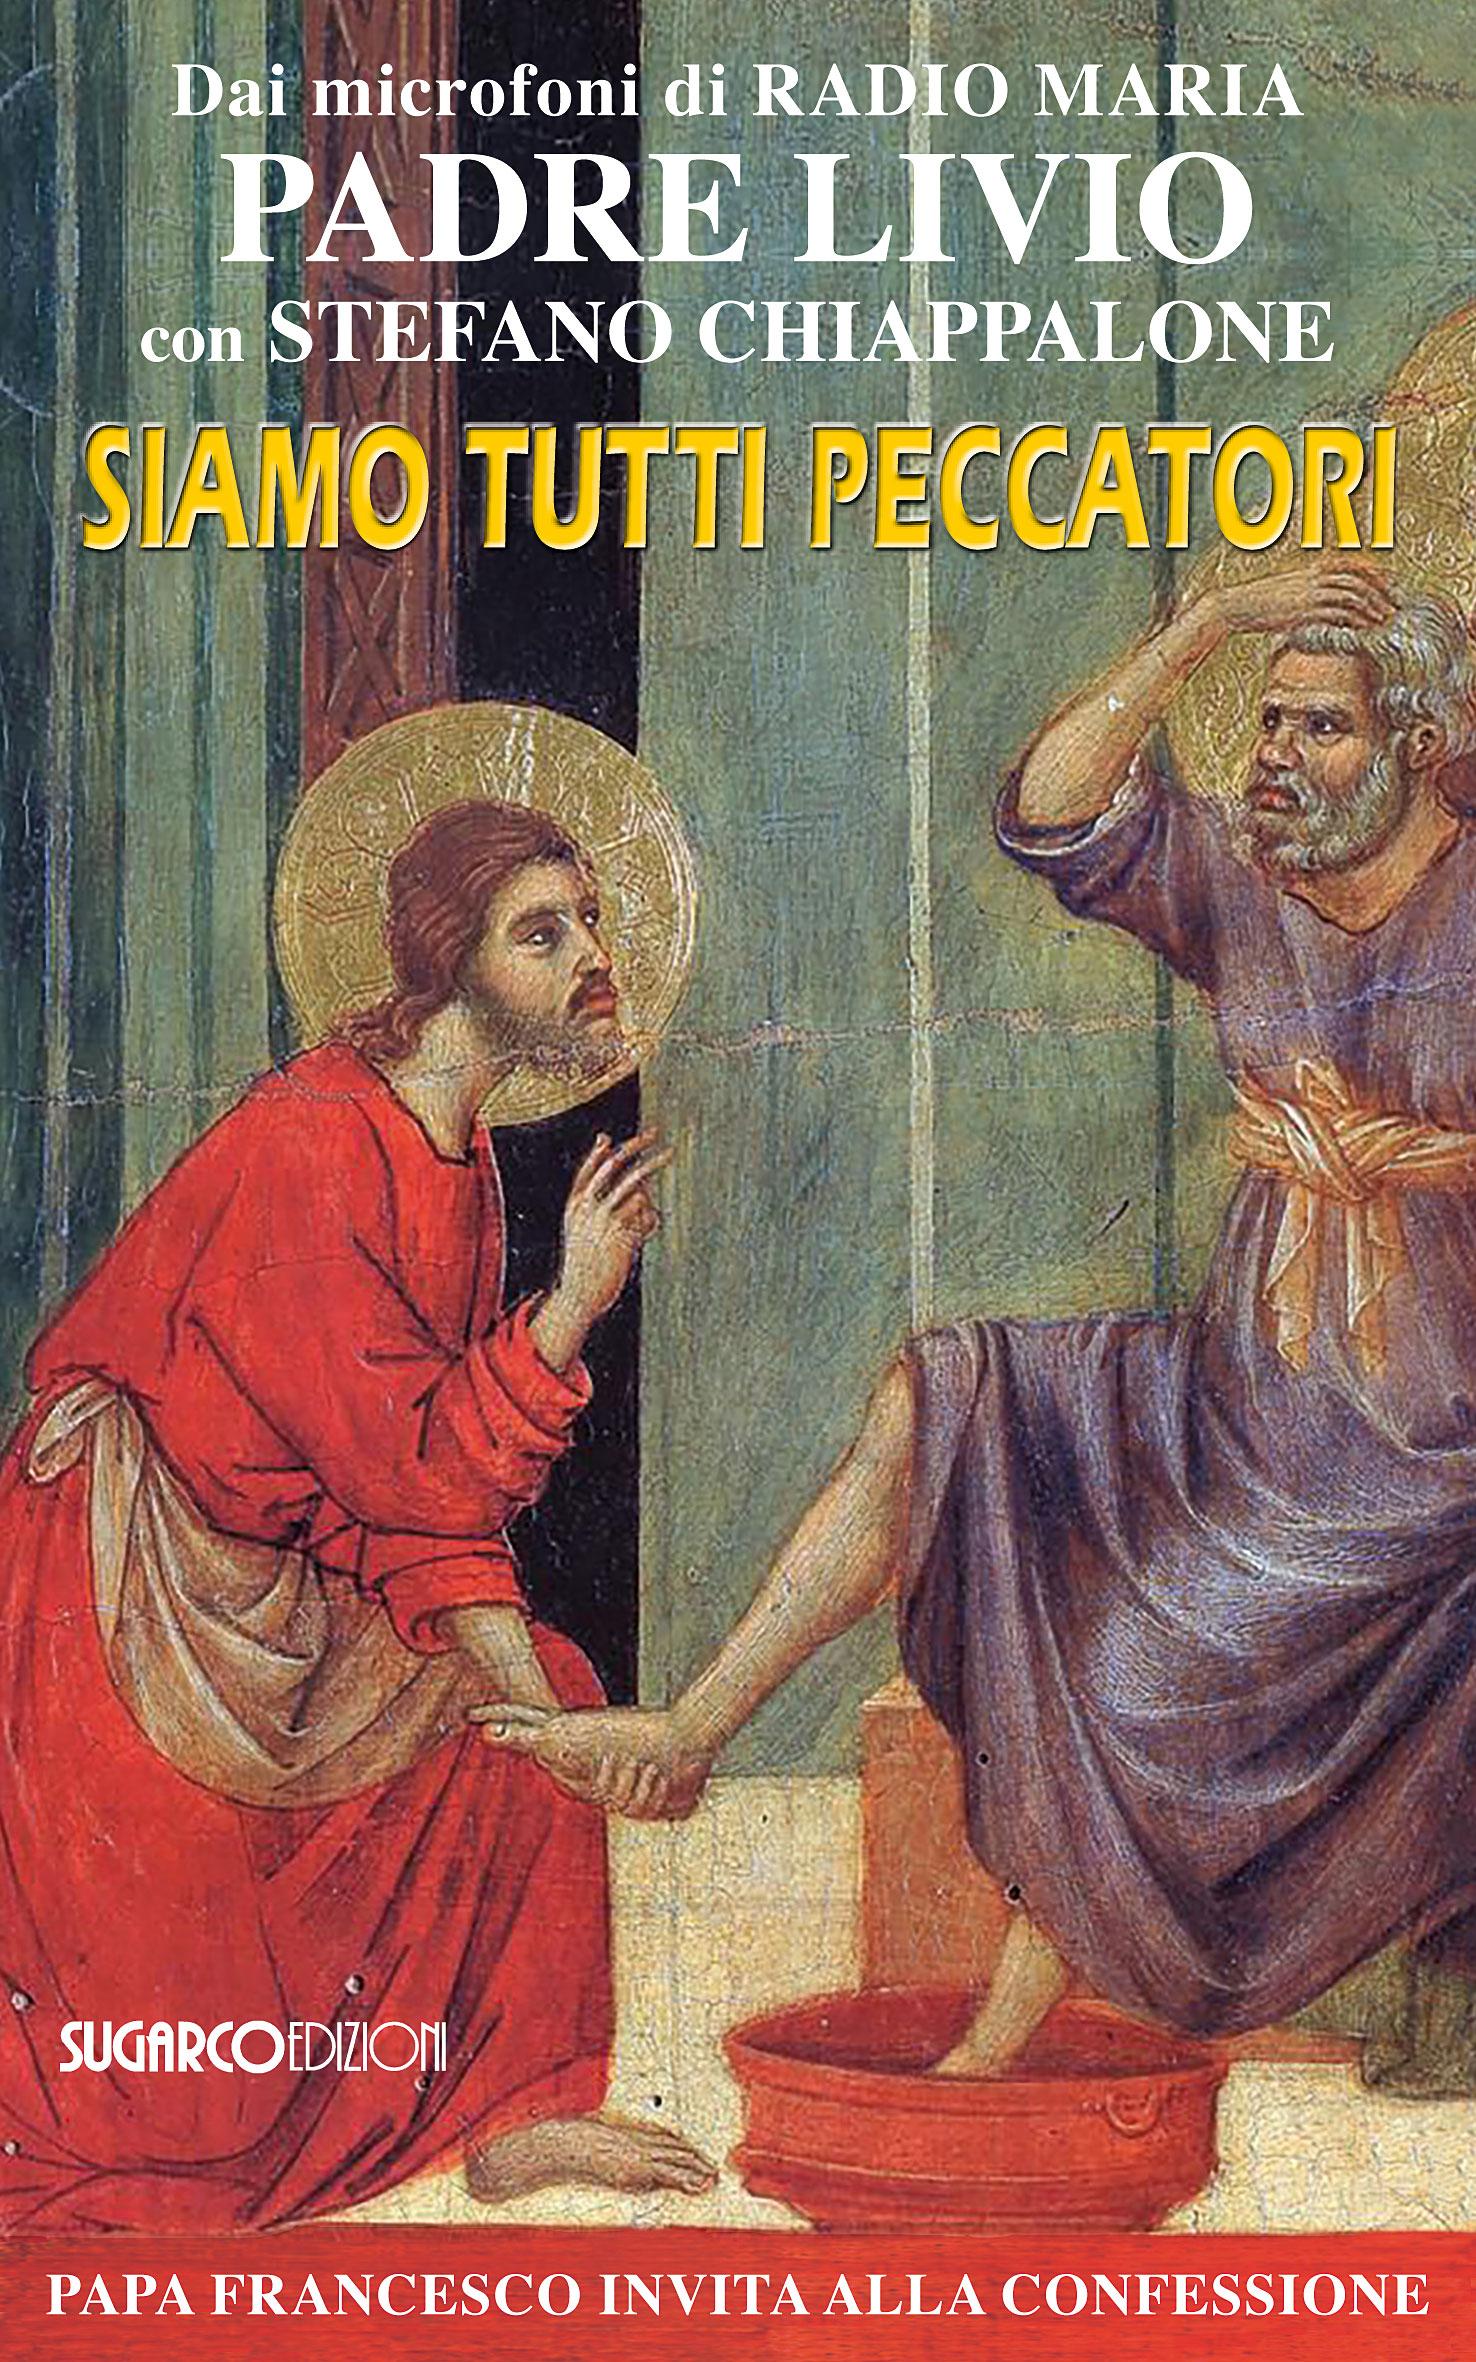 Siamo tutti peccatori - Livio Fanzaga, Stefano Chiappalone